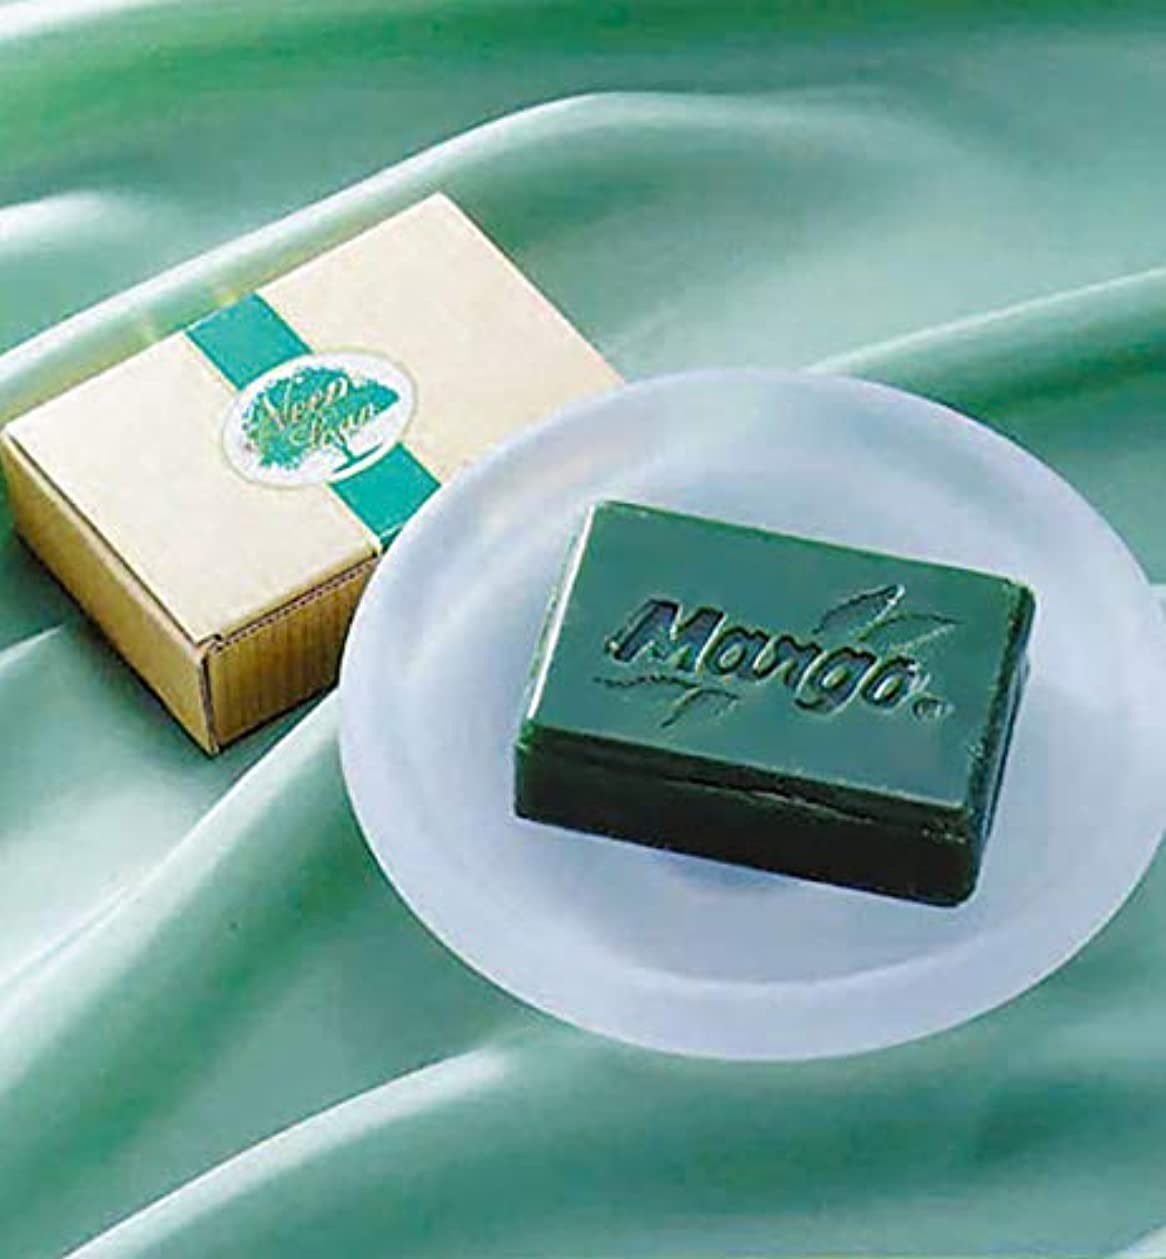 歯痛コンバーチブルブームコンフォート ニーム?ソープ (100g) 石鹸 【正規品】 敏感肌にも アロマ